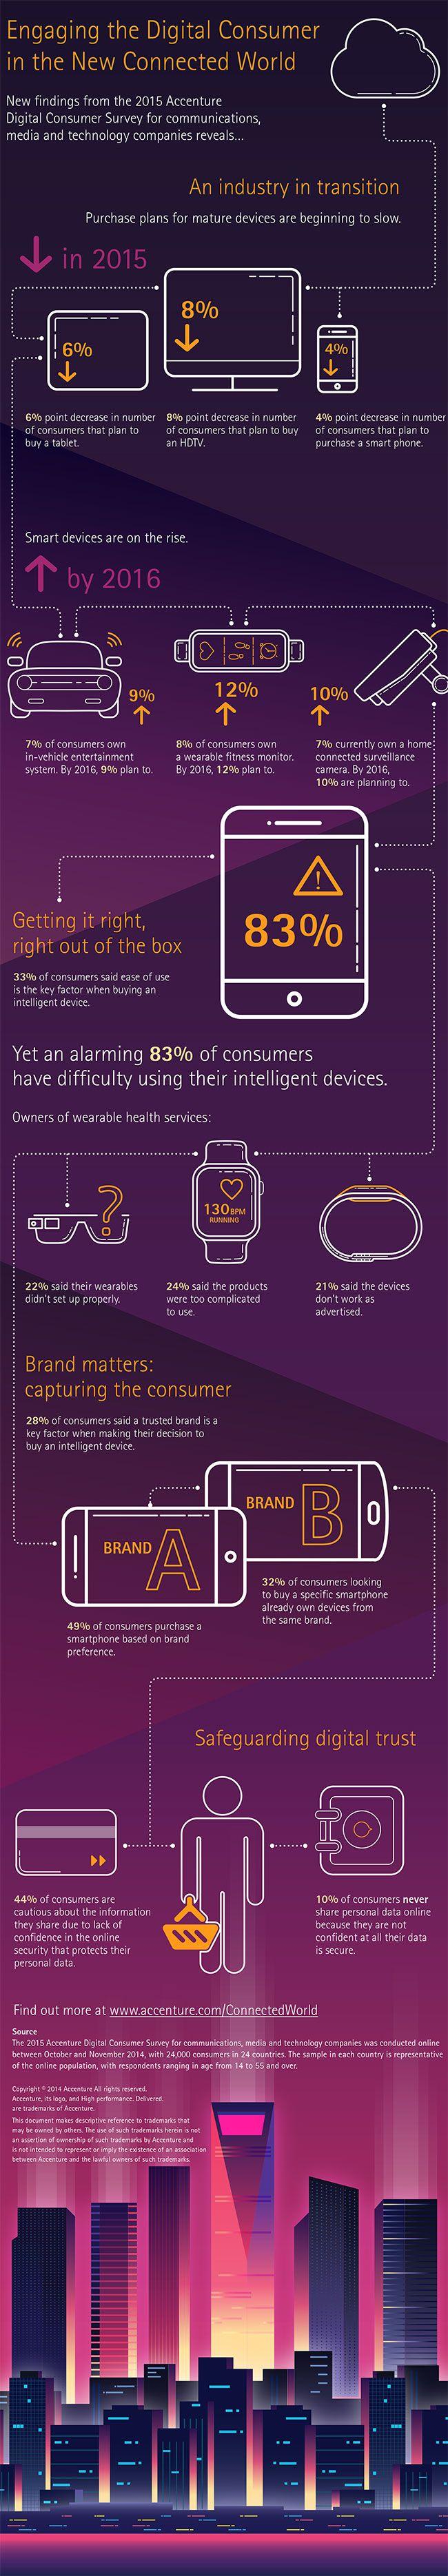 Accenture Digital Consumer Survey 2015—Infographic